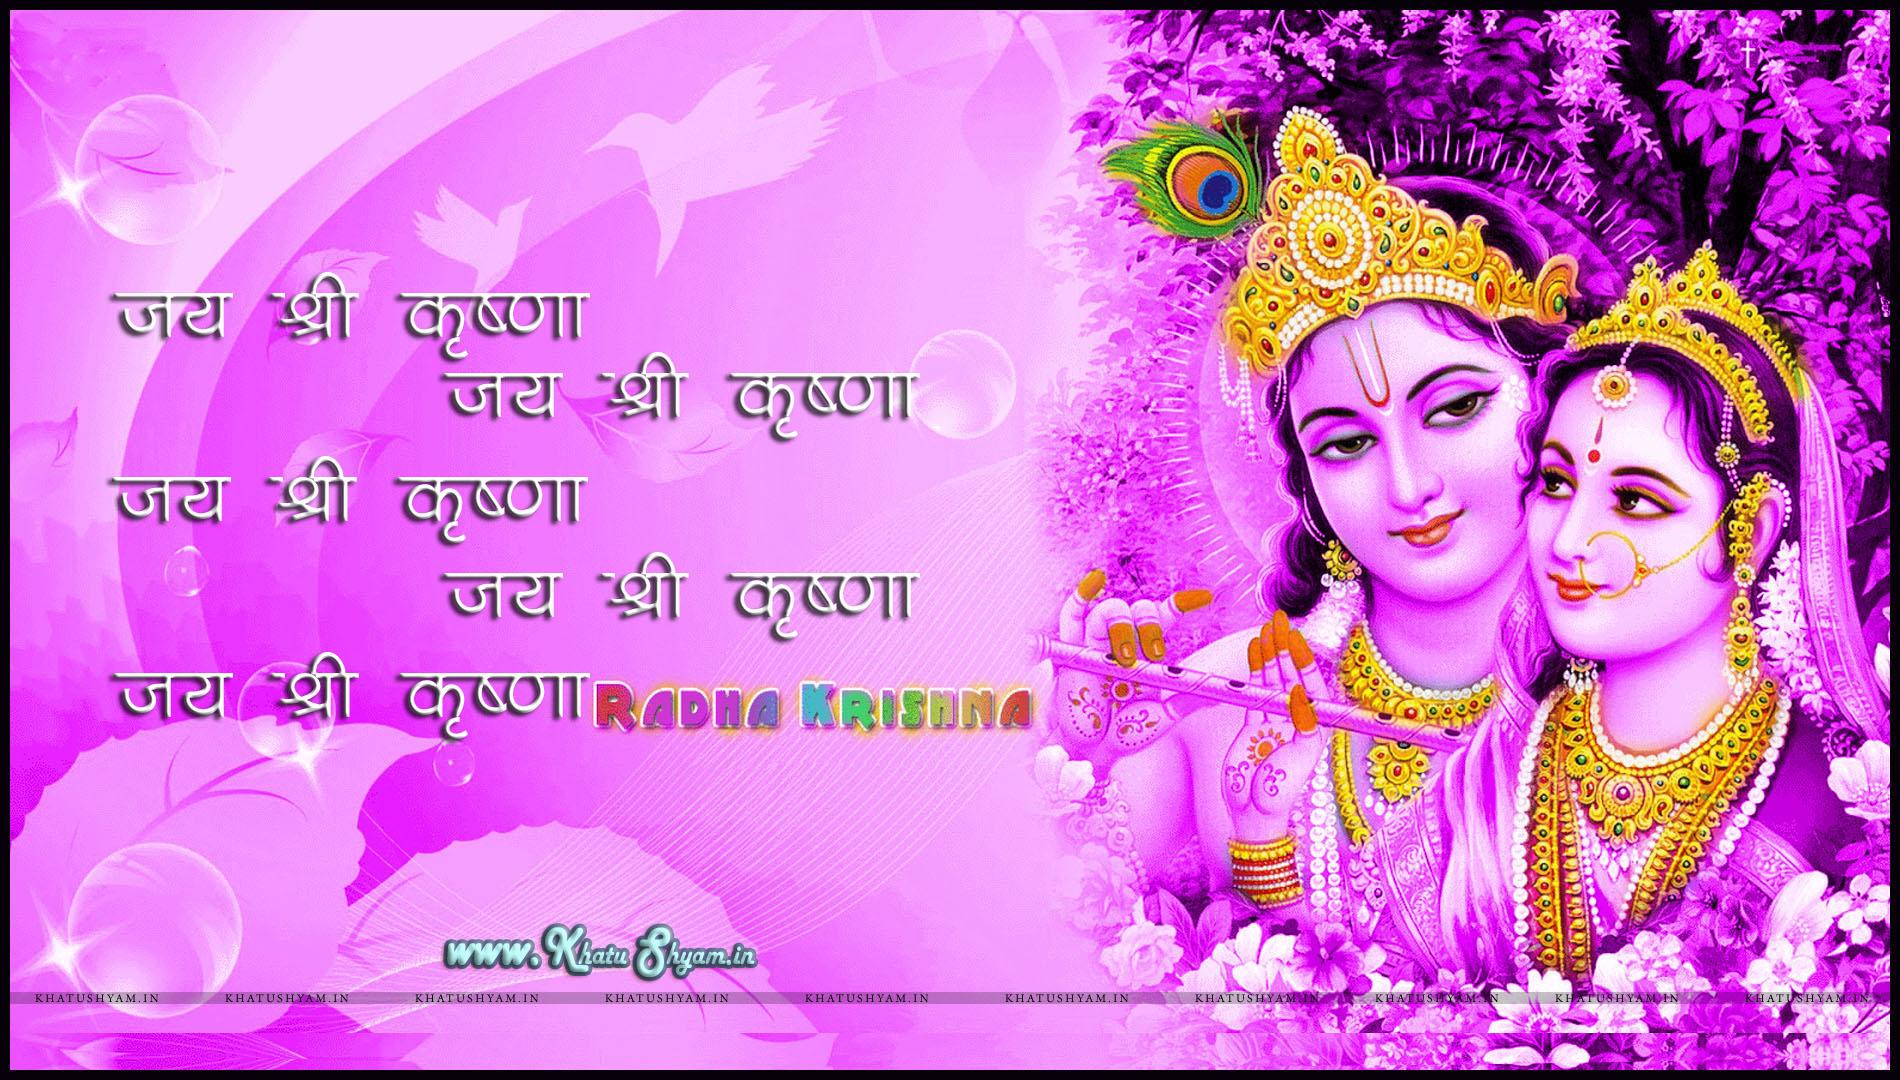 Lord Krishna With Radha - HD Wallpaper